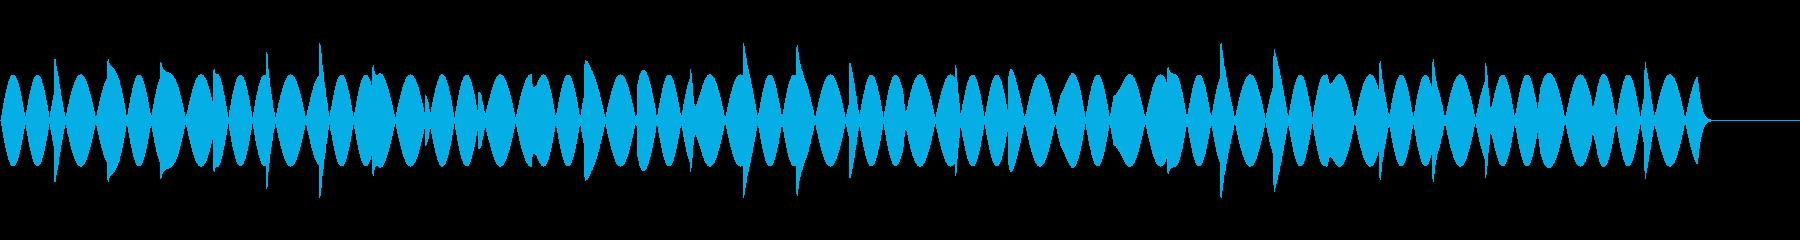 救急車 サイレン   の再生済みの波形